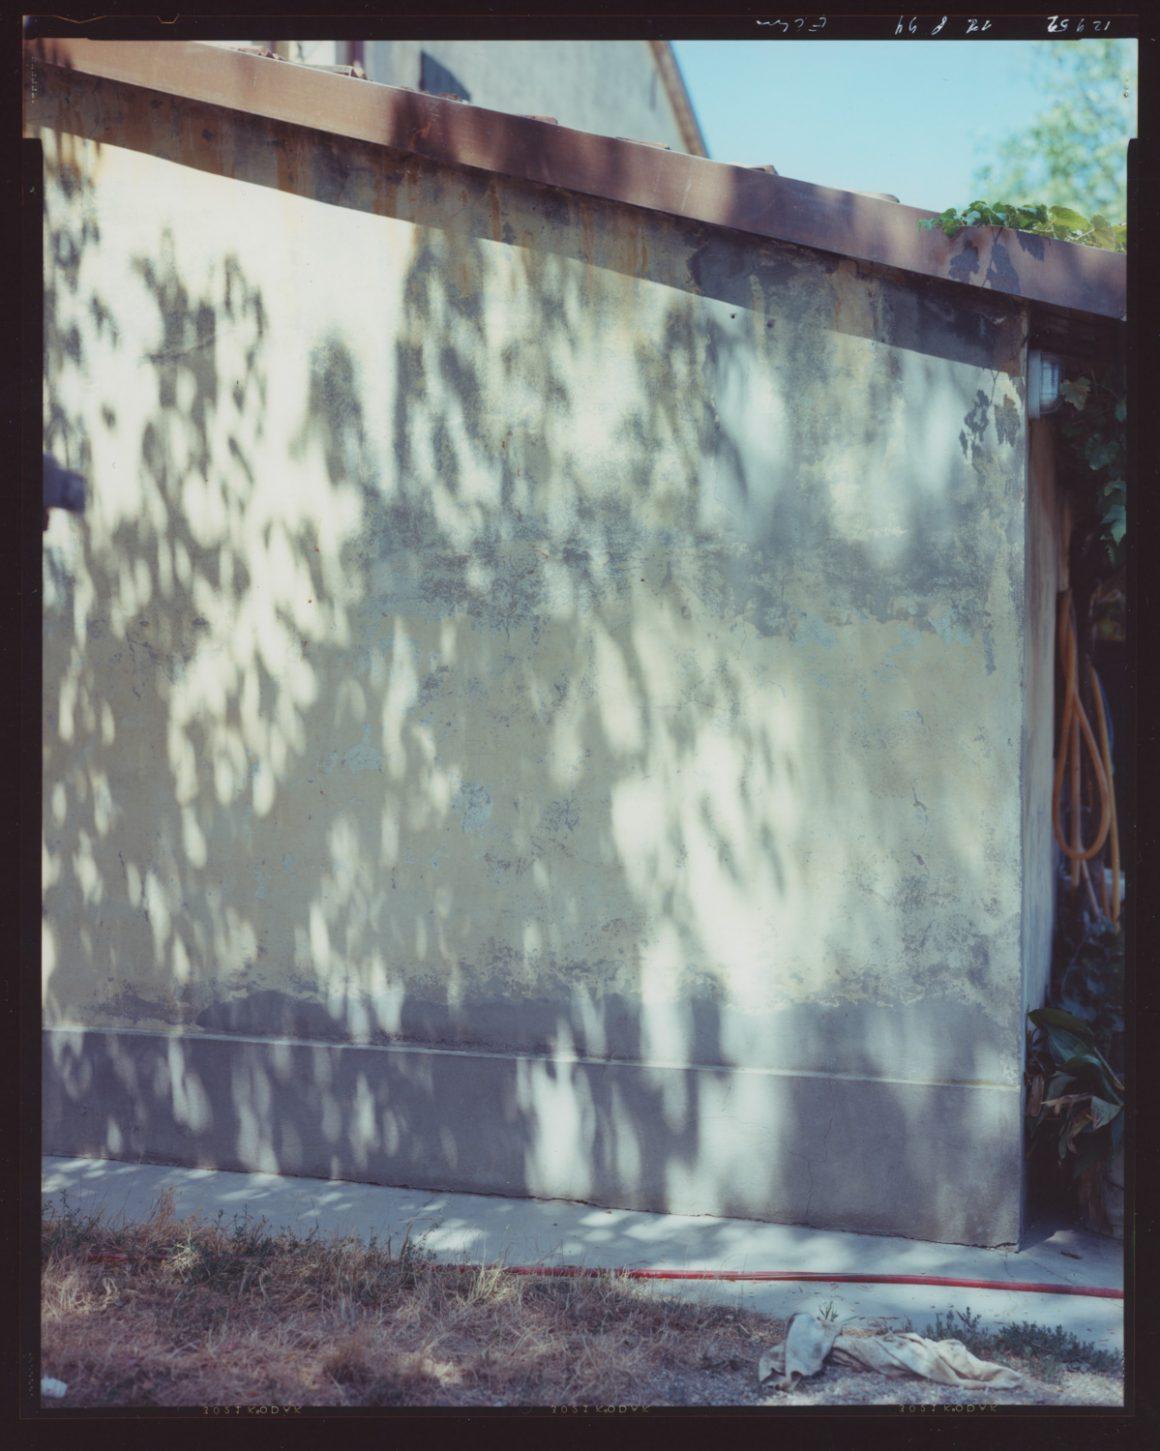 Guido Guidi, Ronta, Eclissi 11-8-1999, stampa a contatto c-print, cm 24x30, © Guido Guidi, courtesy Viasaterna